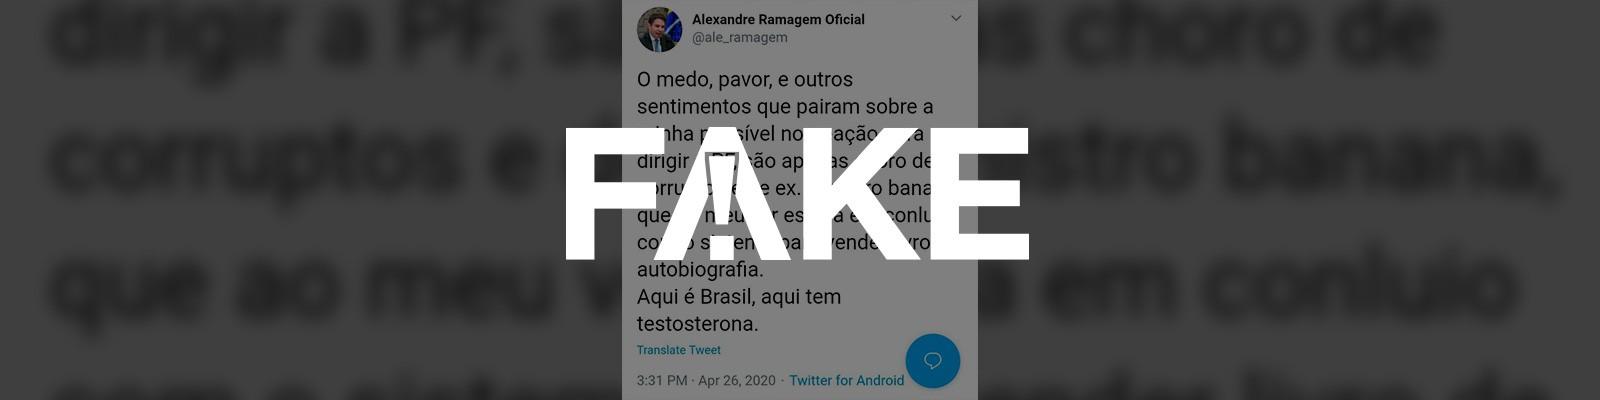 É #FAKE que diretor da Abin fez post xingando Moro e dizendo que corruptos temem sua nomeação à PF